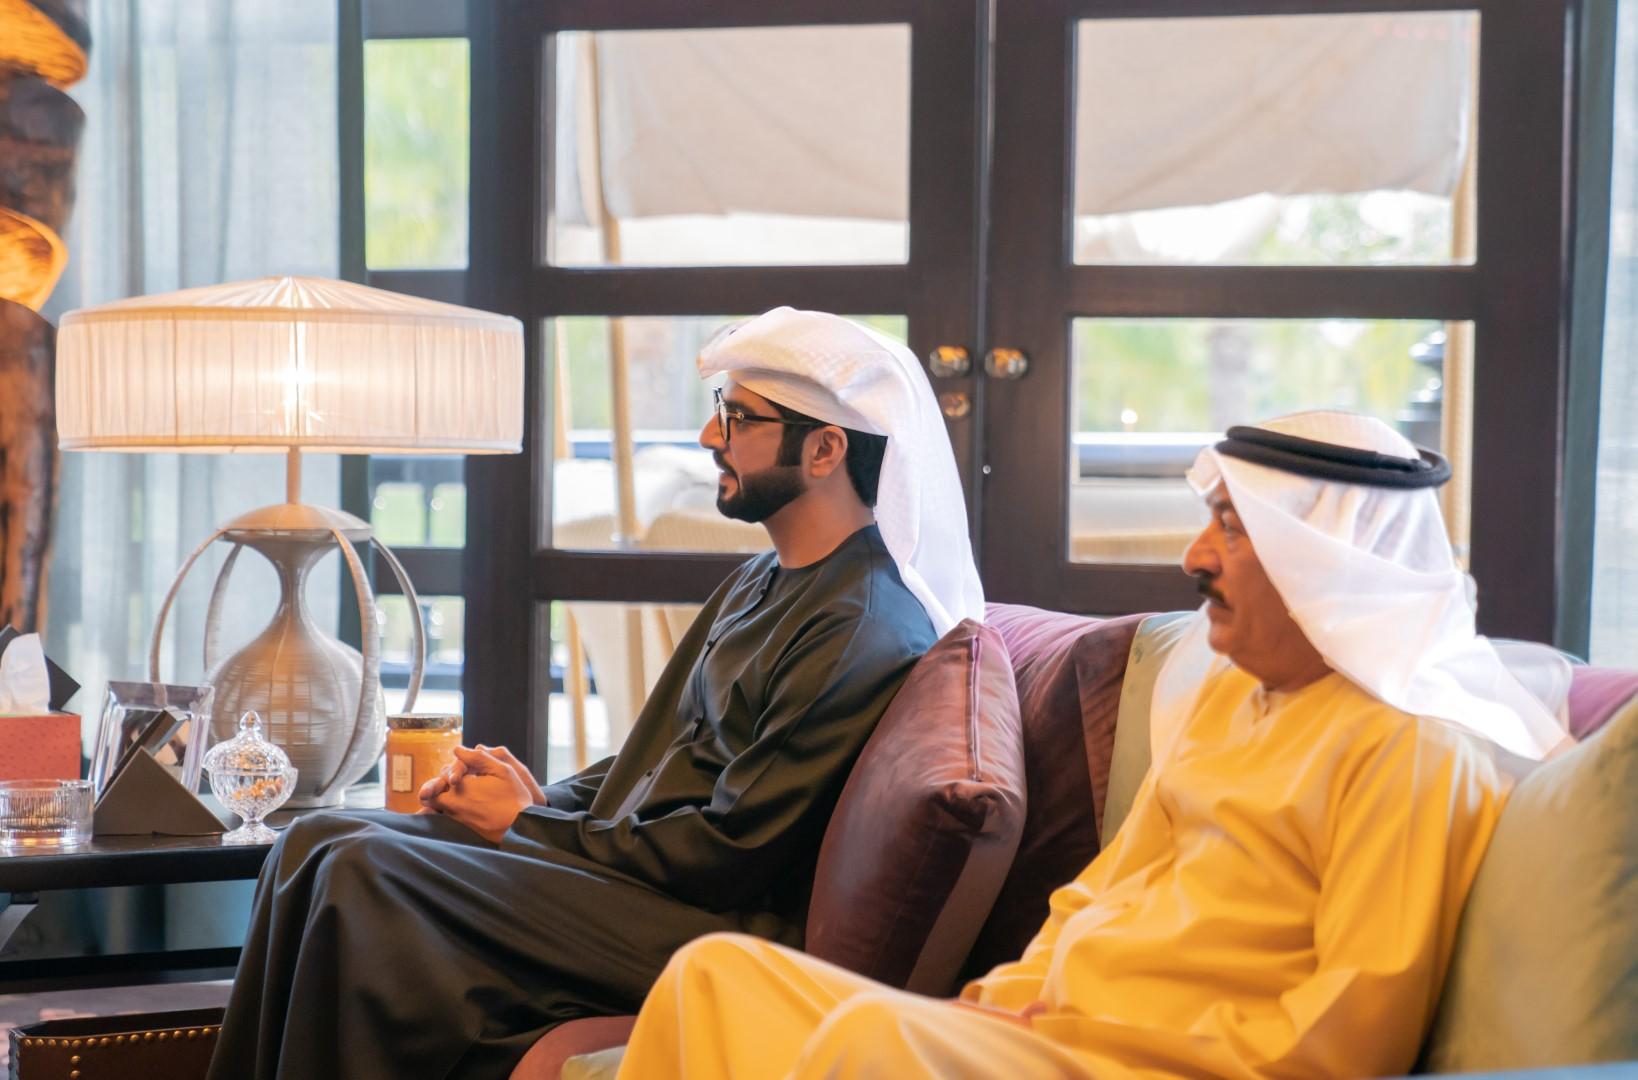 ملك البحرين يستقبل حمدان بن زايد بمقر إقامته في الرباط